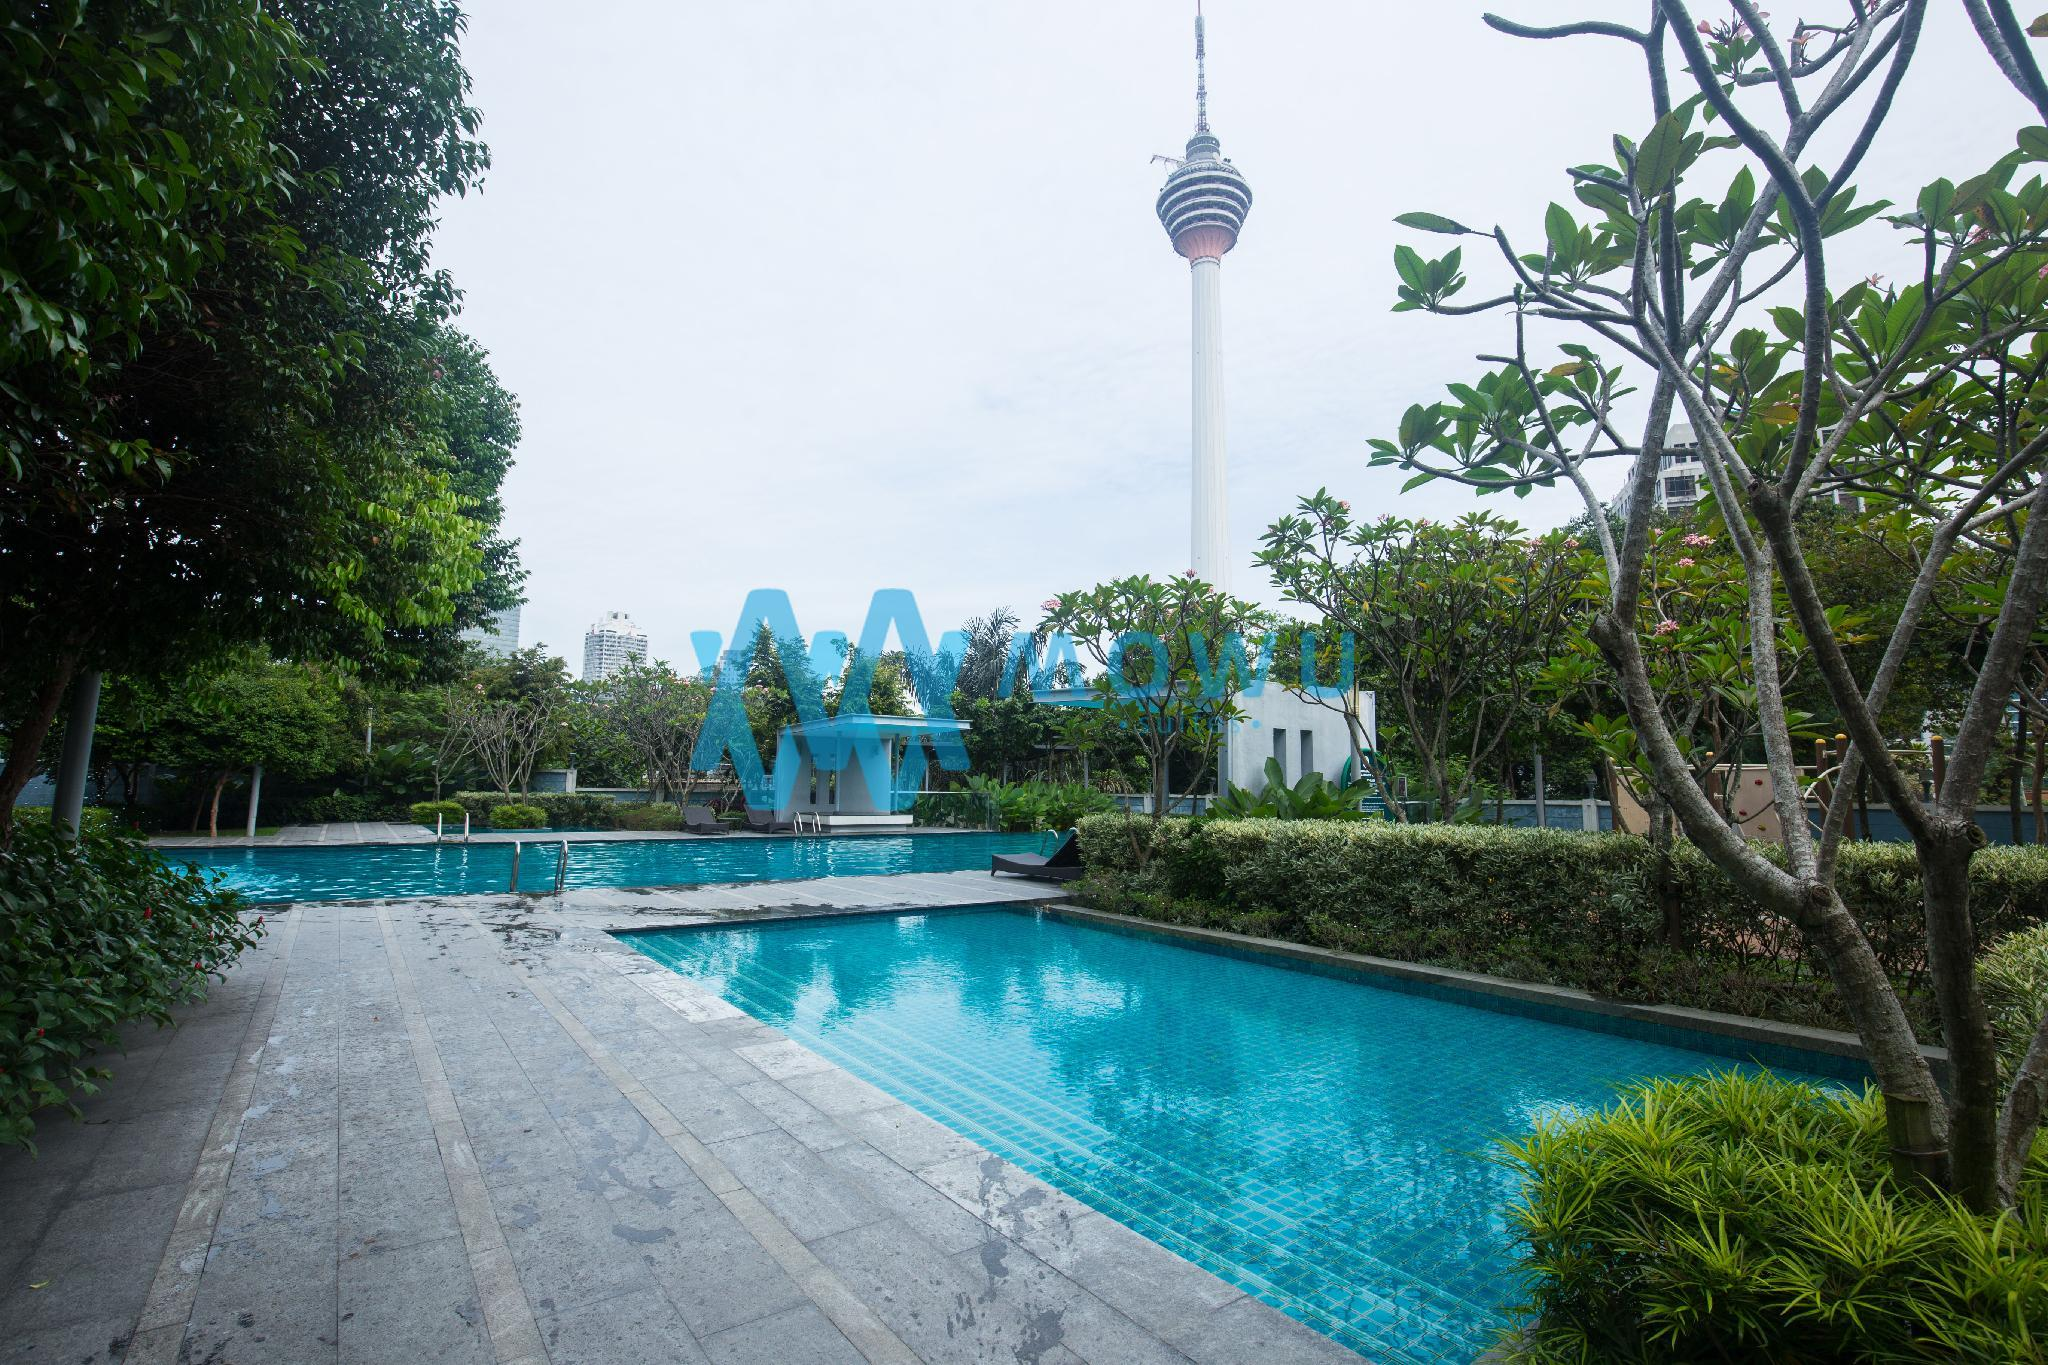 Mowu Suites @ Bukit Bintang Residence